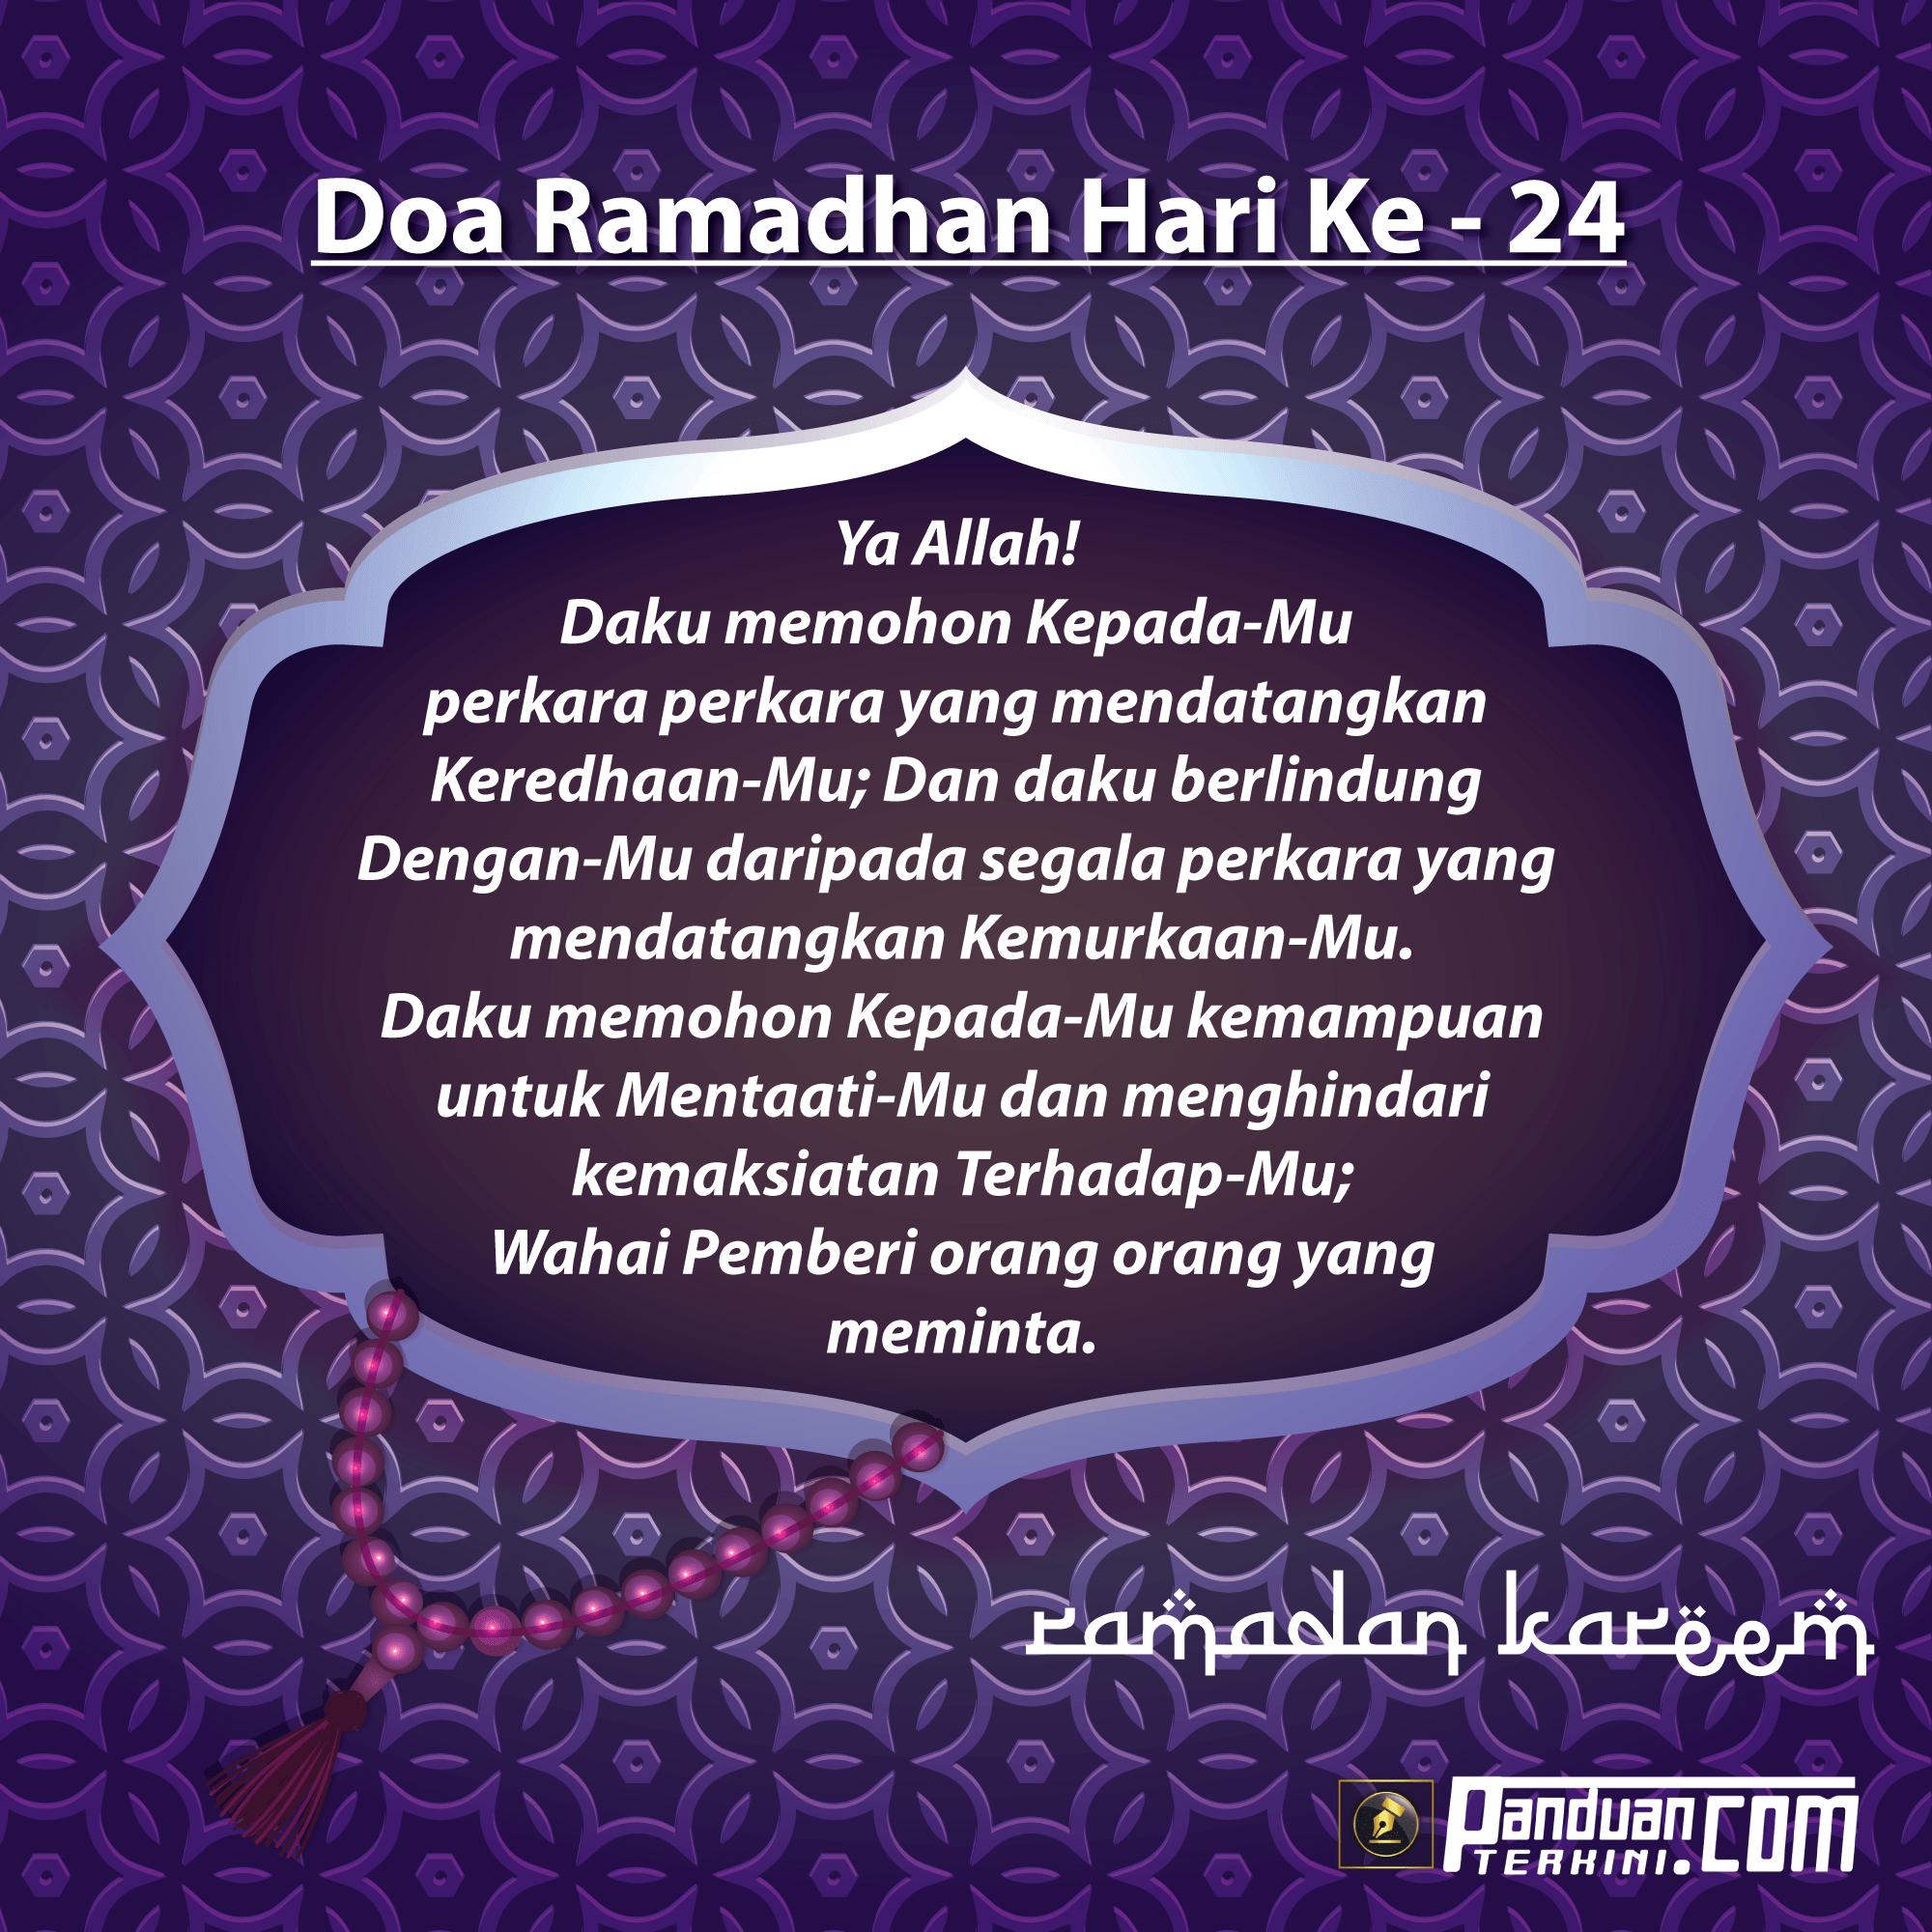 Doa Ramadhan Hari Ke-24